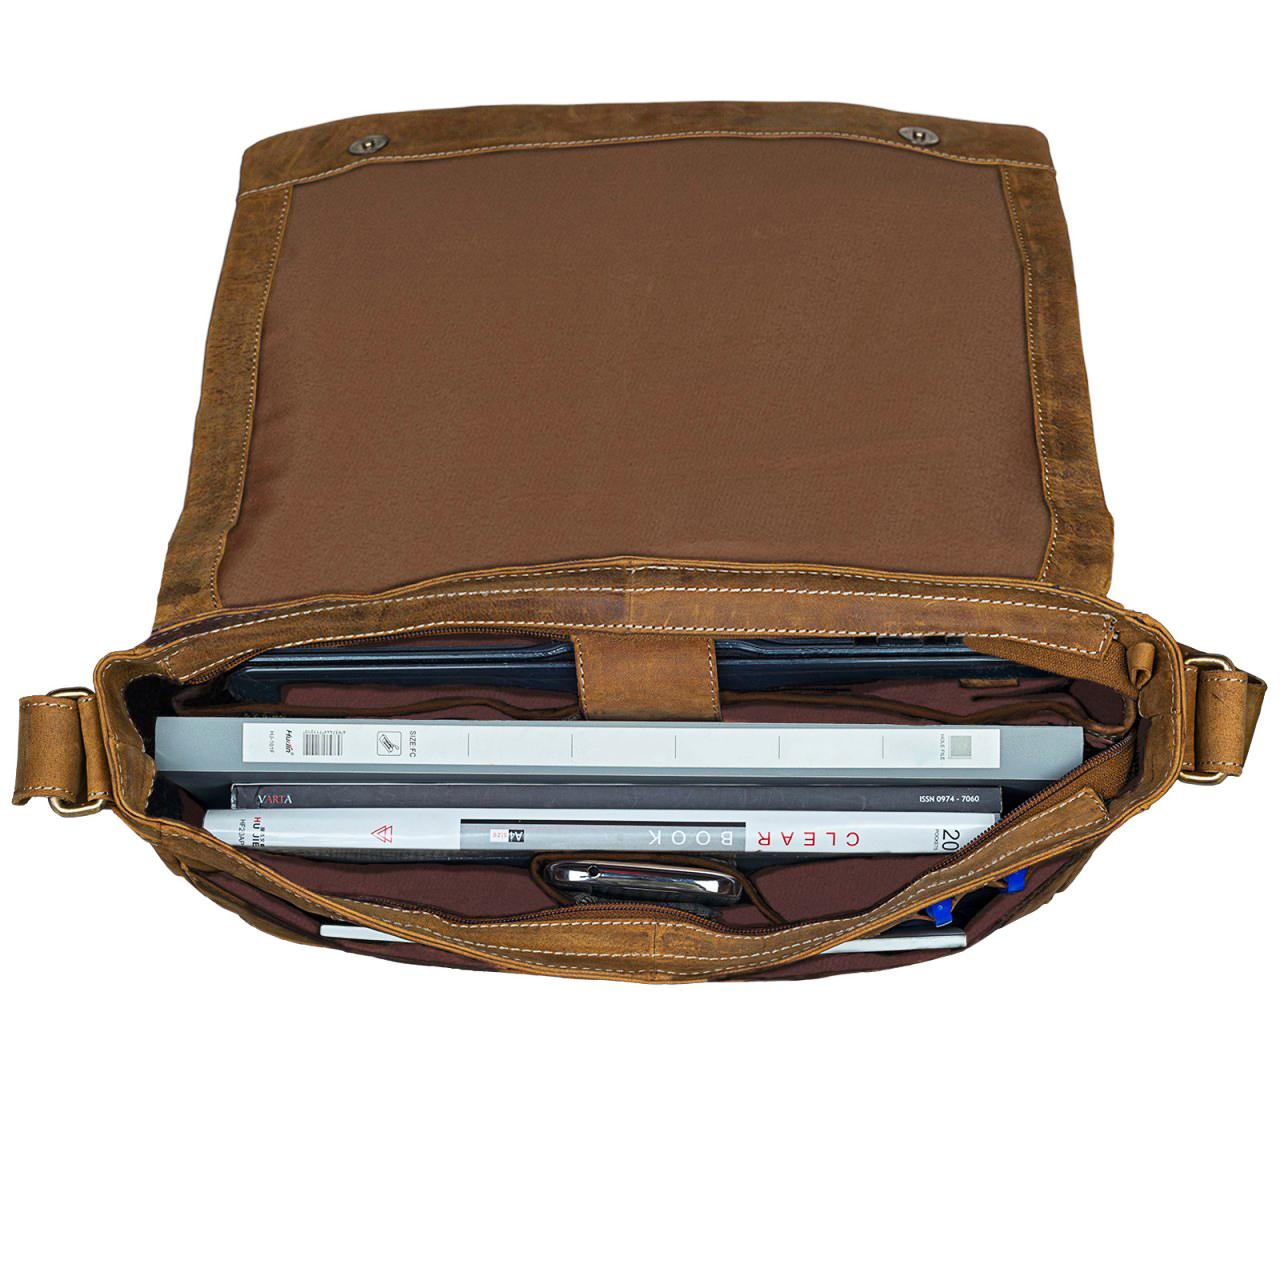 Notebooktasche Leder